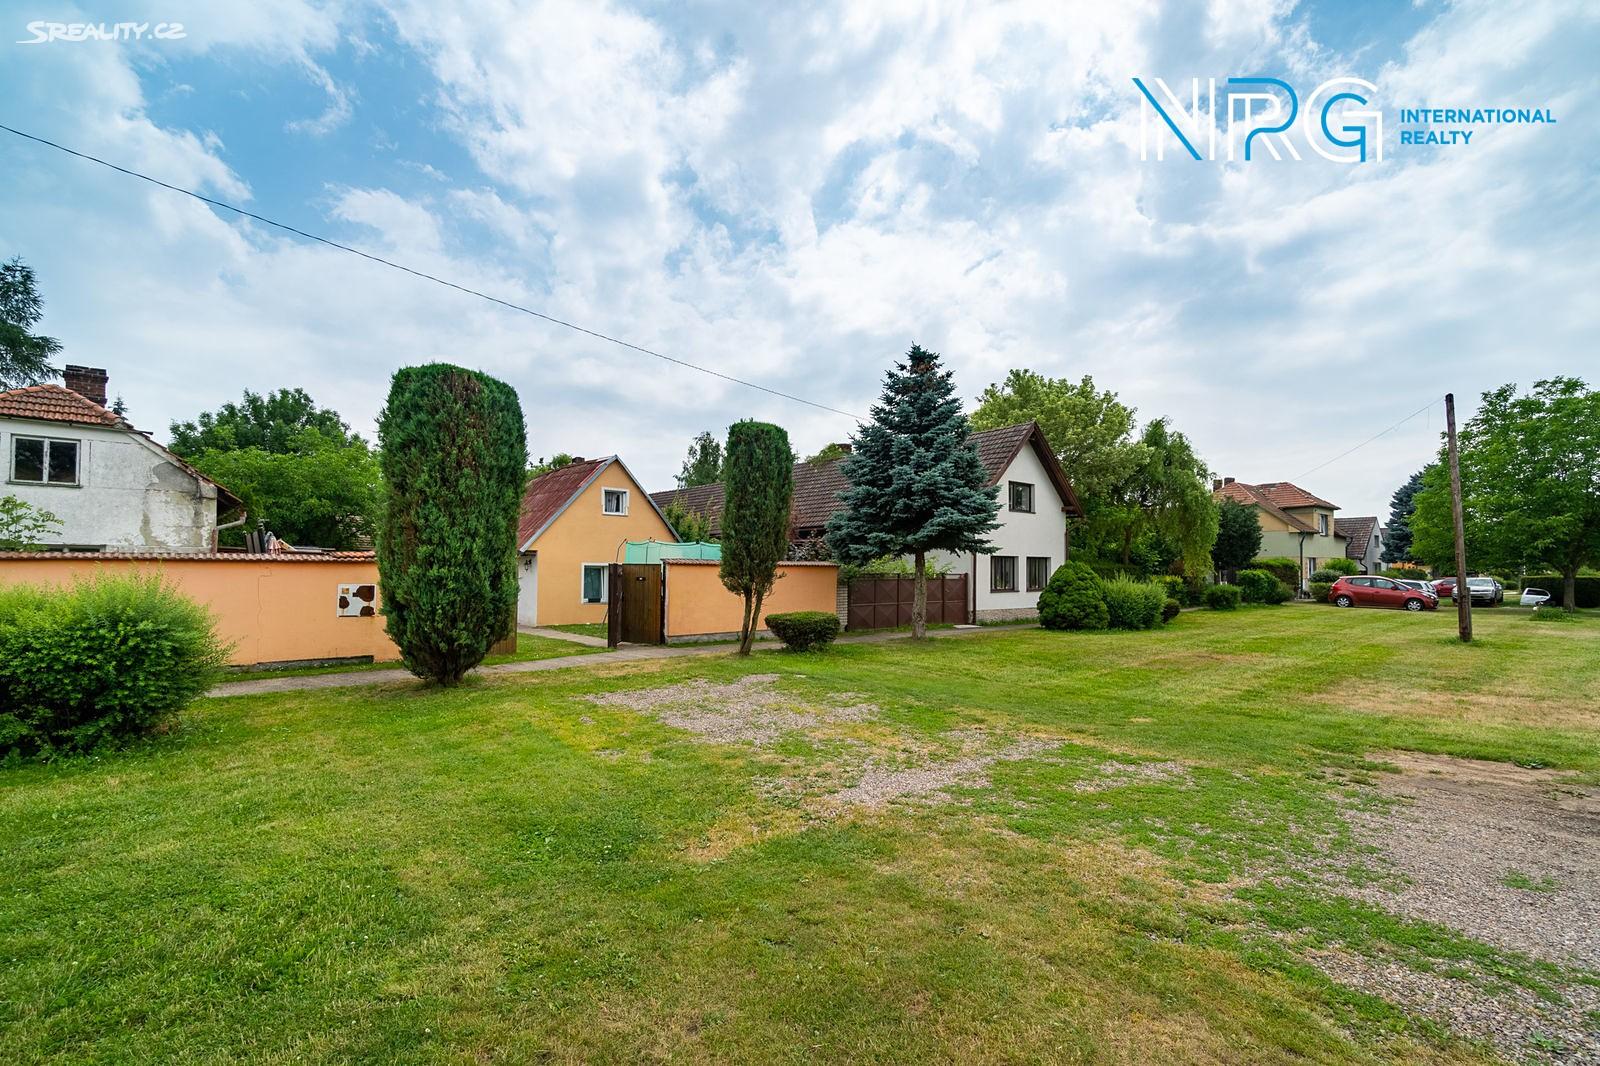 Prodej  rodinného domu 89m², pozemek 355m², Chotusice, okres Kutná Hora